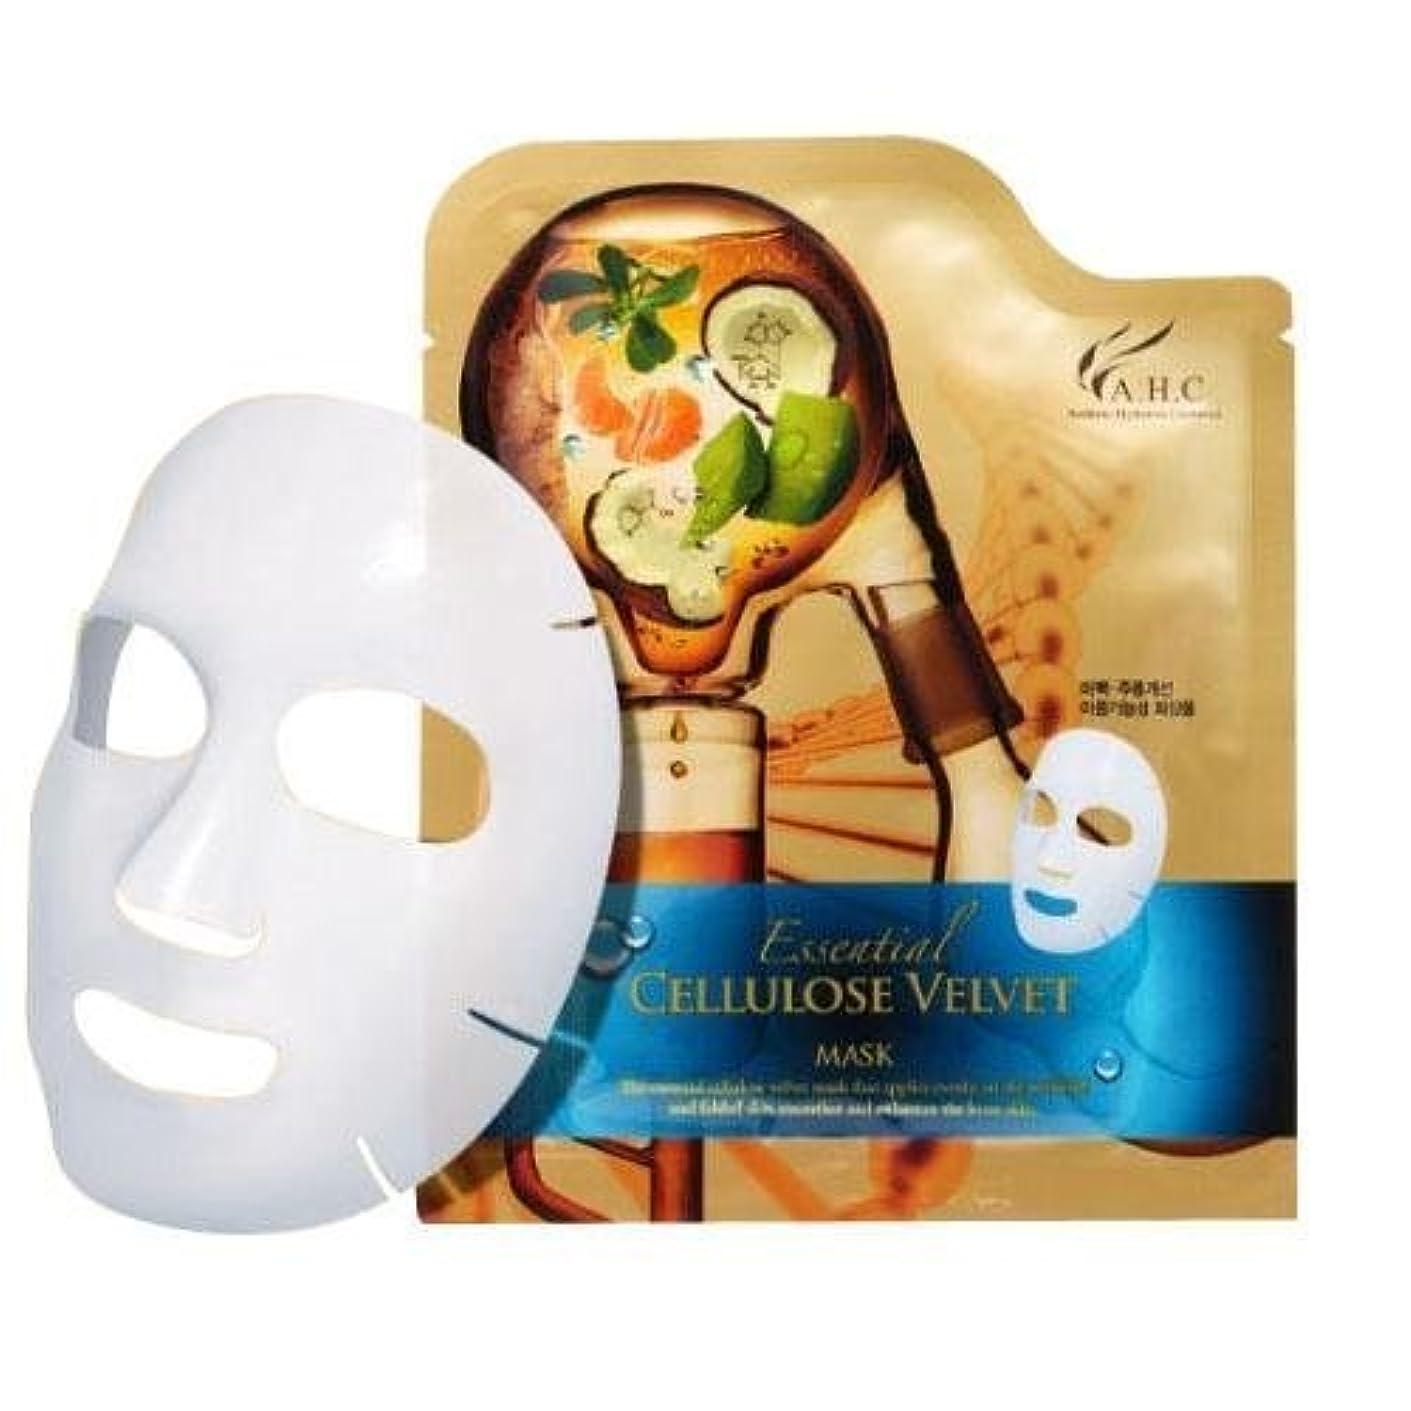 後ろ、背後、背面(部静かにもっと少なくA.H.C Essencial Cellulose Velvet Mask (30g*1EA)/ Made in Korea